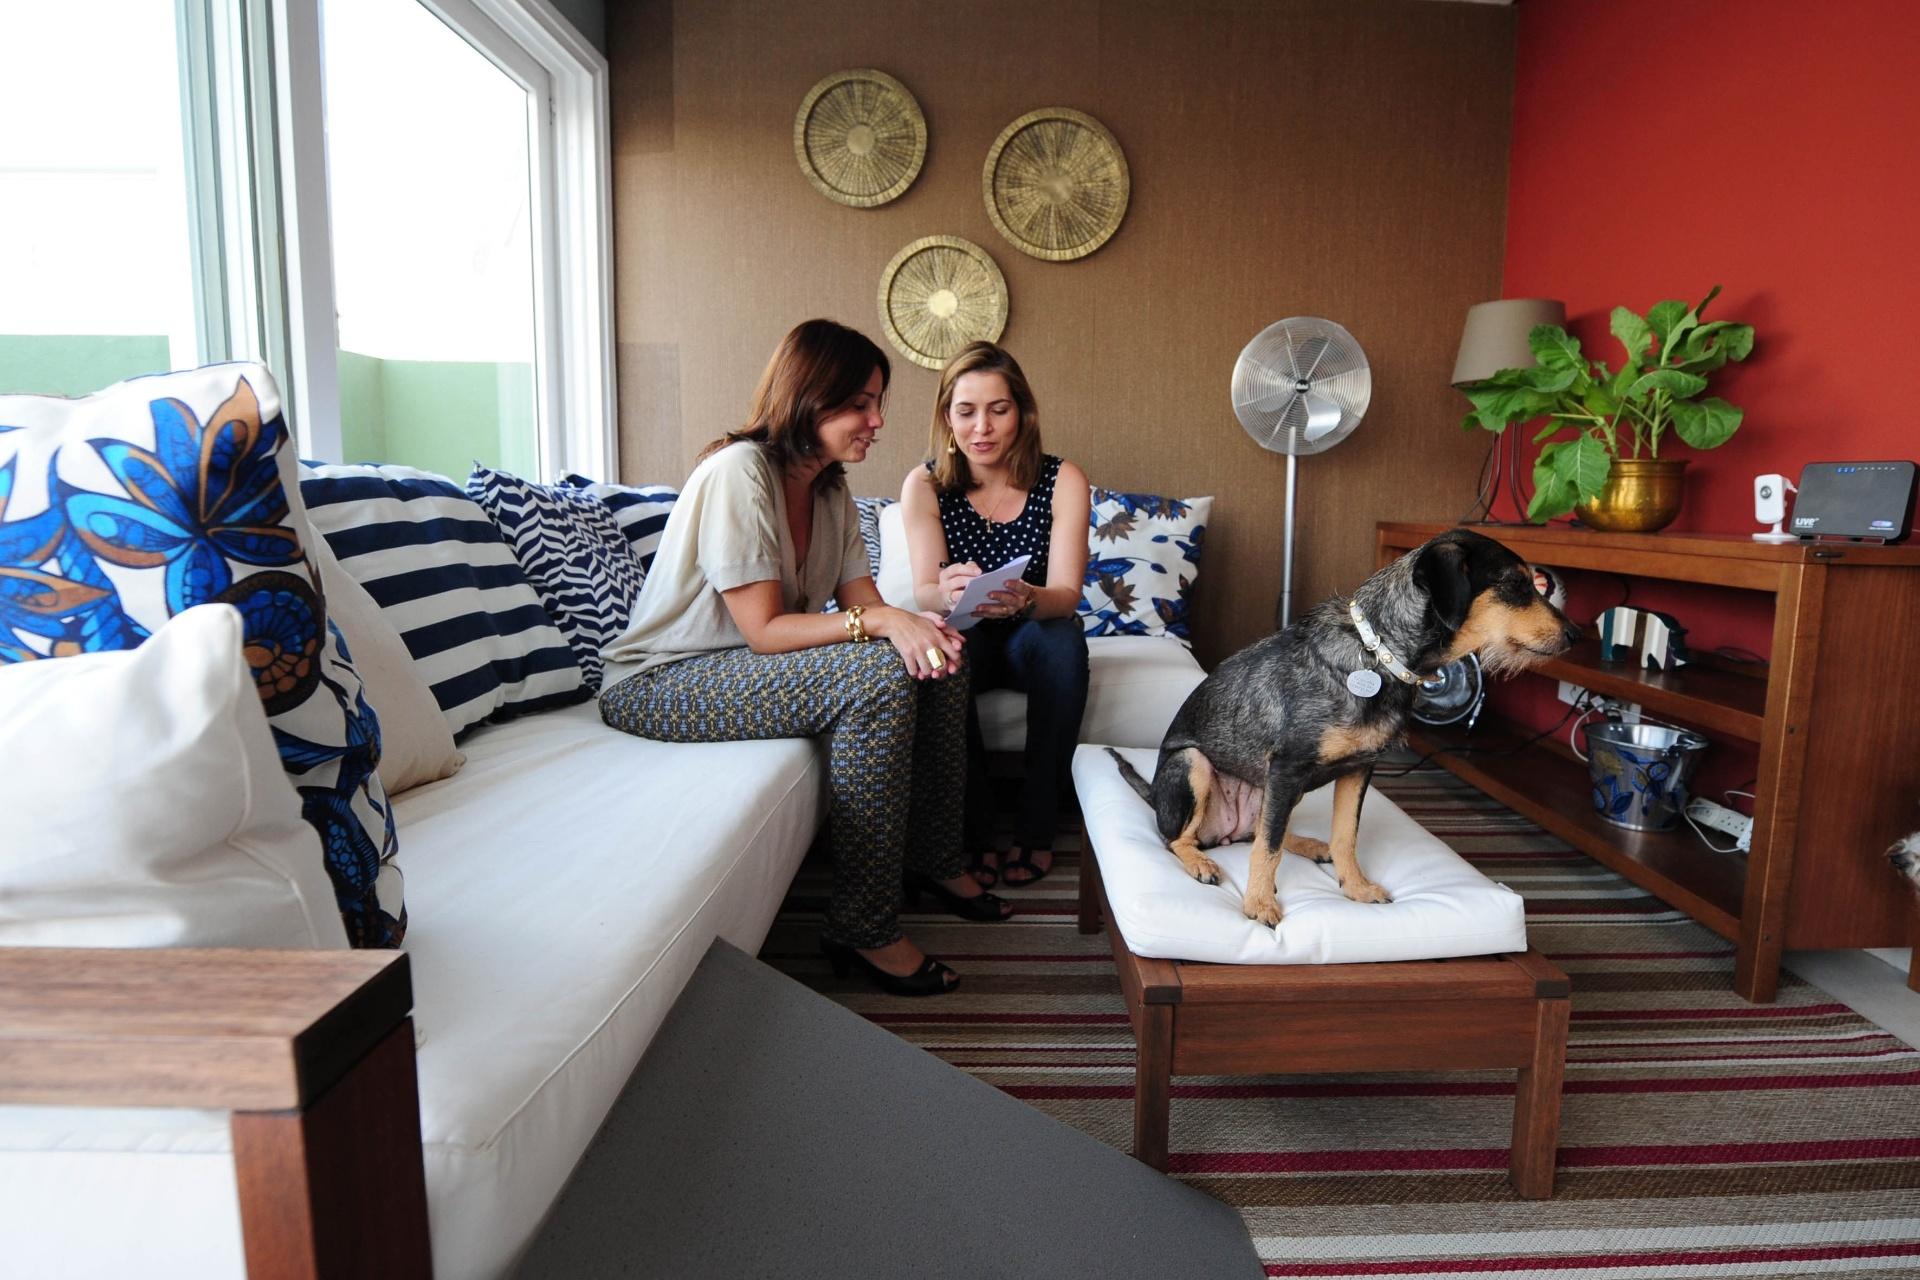 O projeto de reforma e decoração do apartamento do Dr. Pet, criado pelas designers de interiores Daniella Stecconi e Simone Fogassa (foto), adapta os espaços para os cachorros.